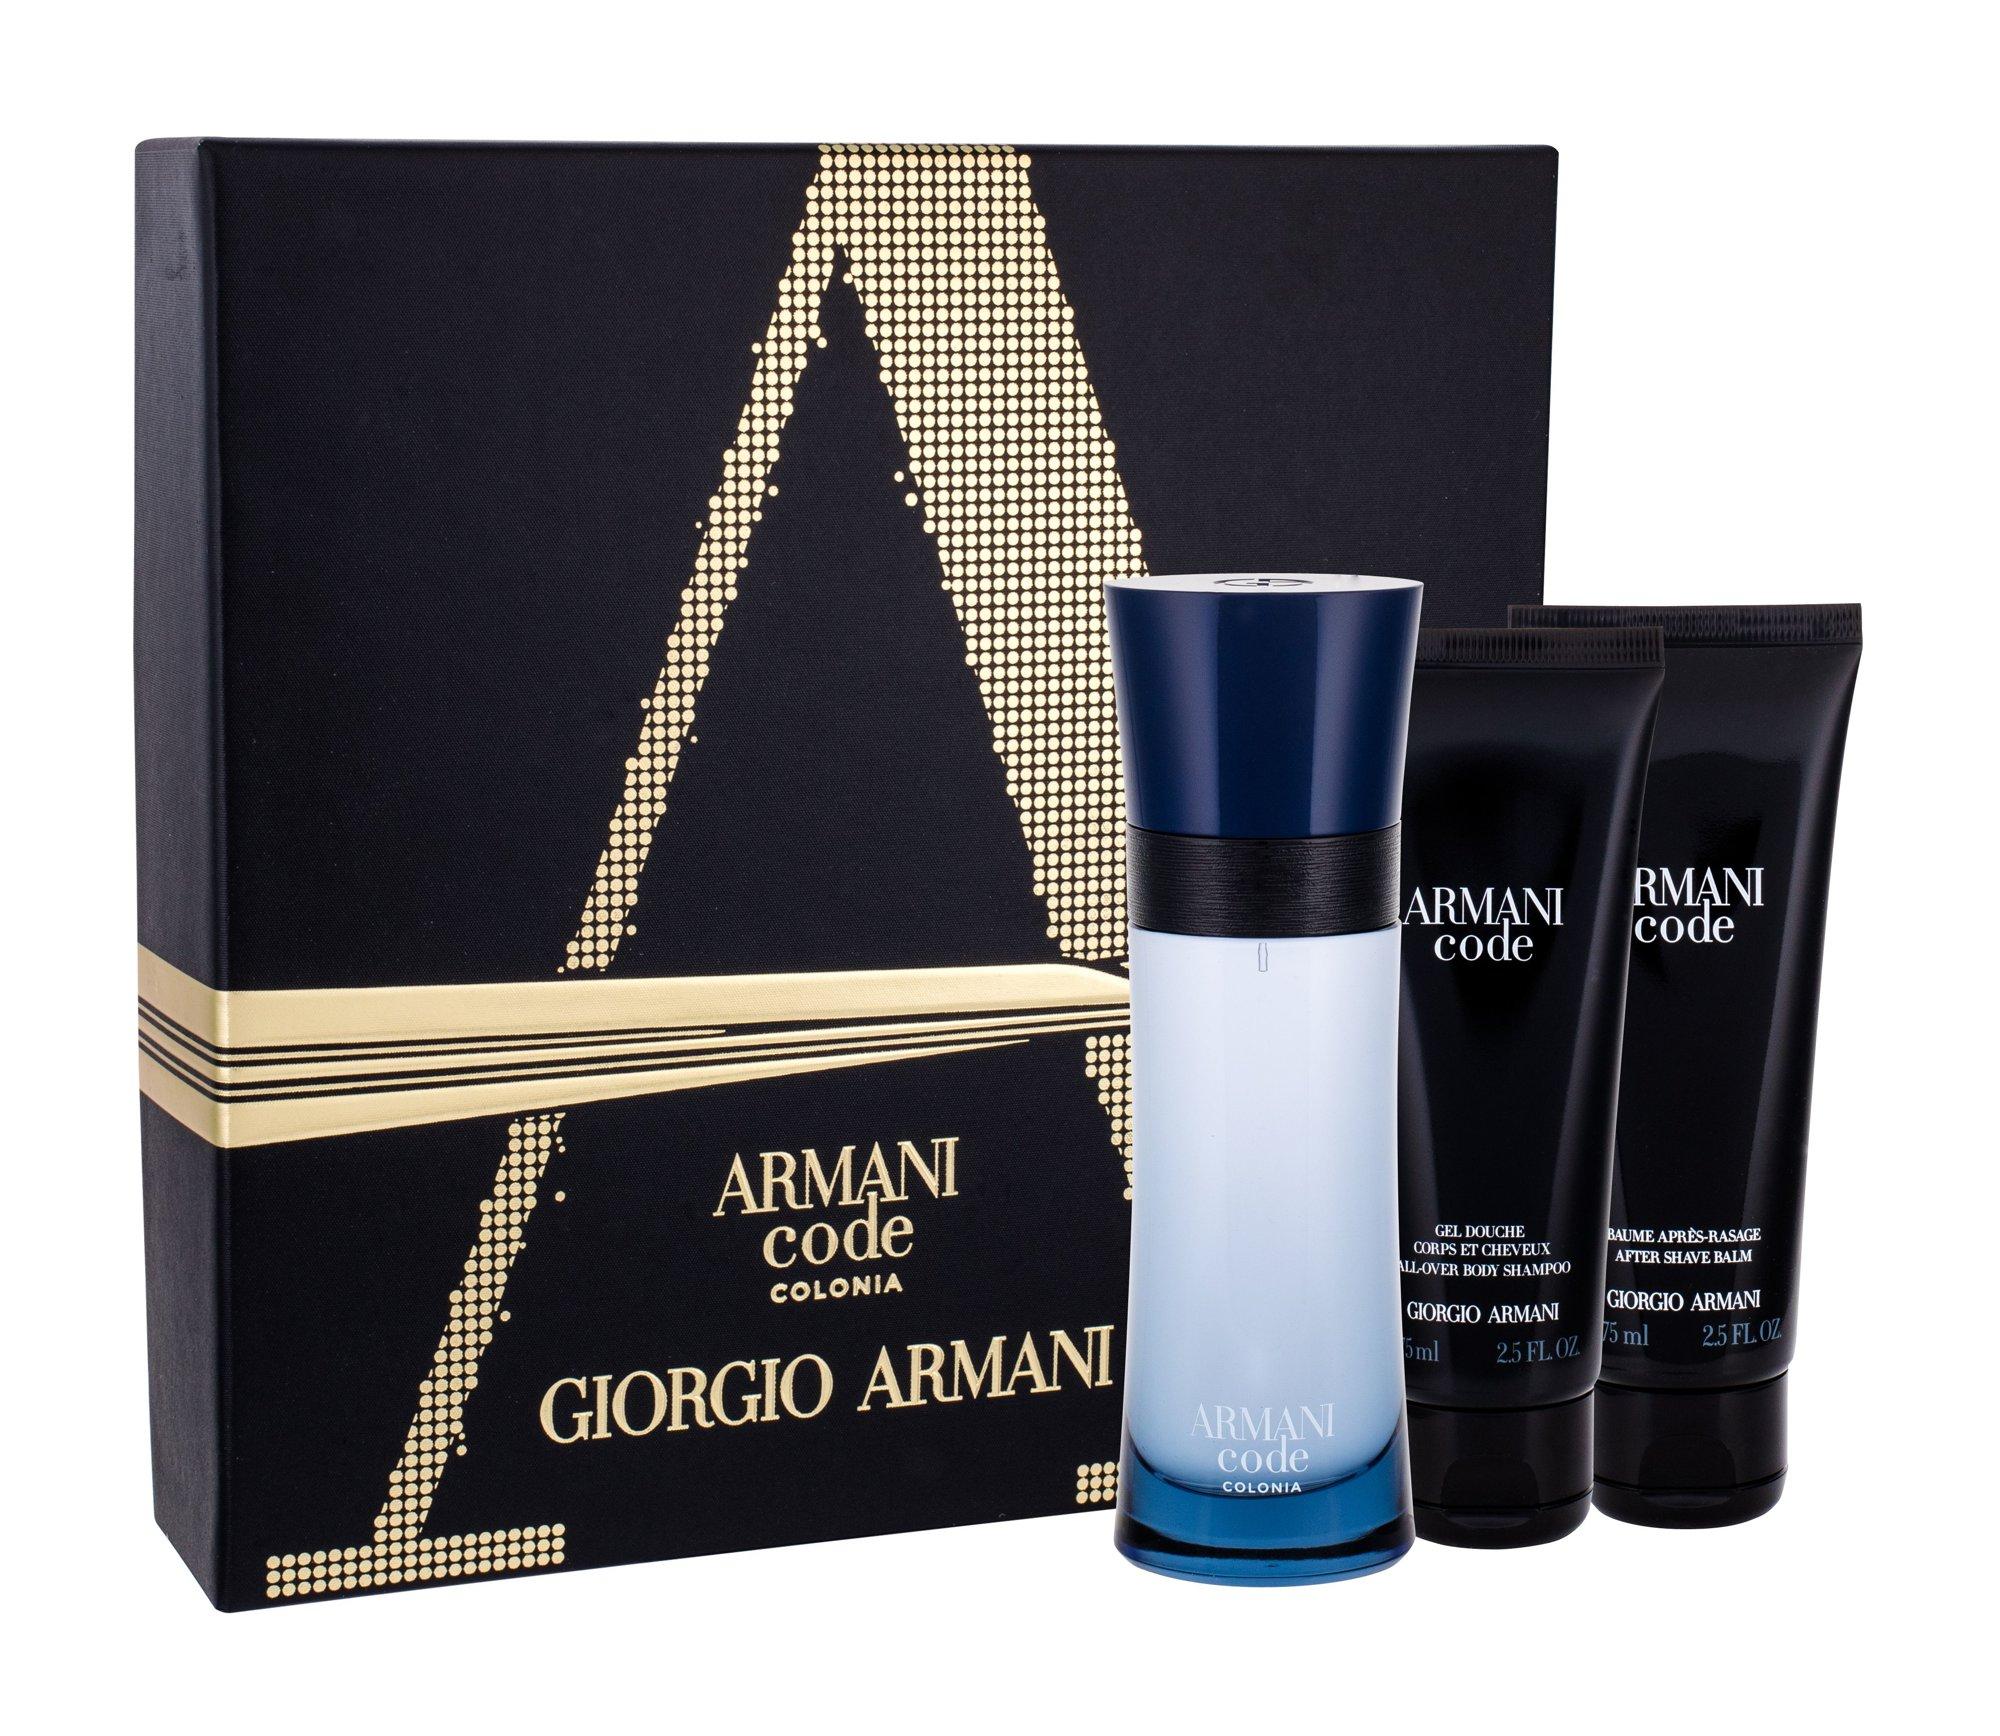 Giorgio Armani Armani Code Colonia EDT 75ml